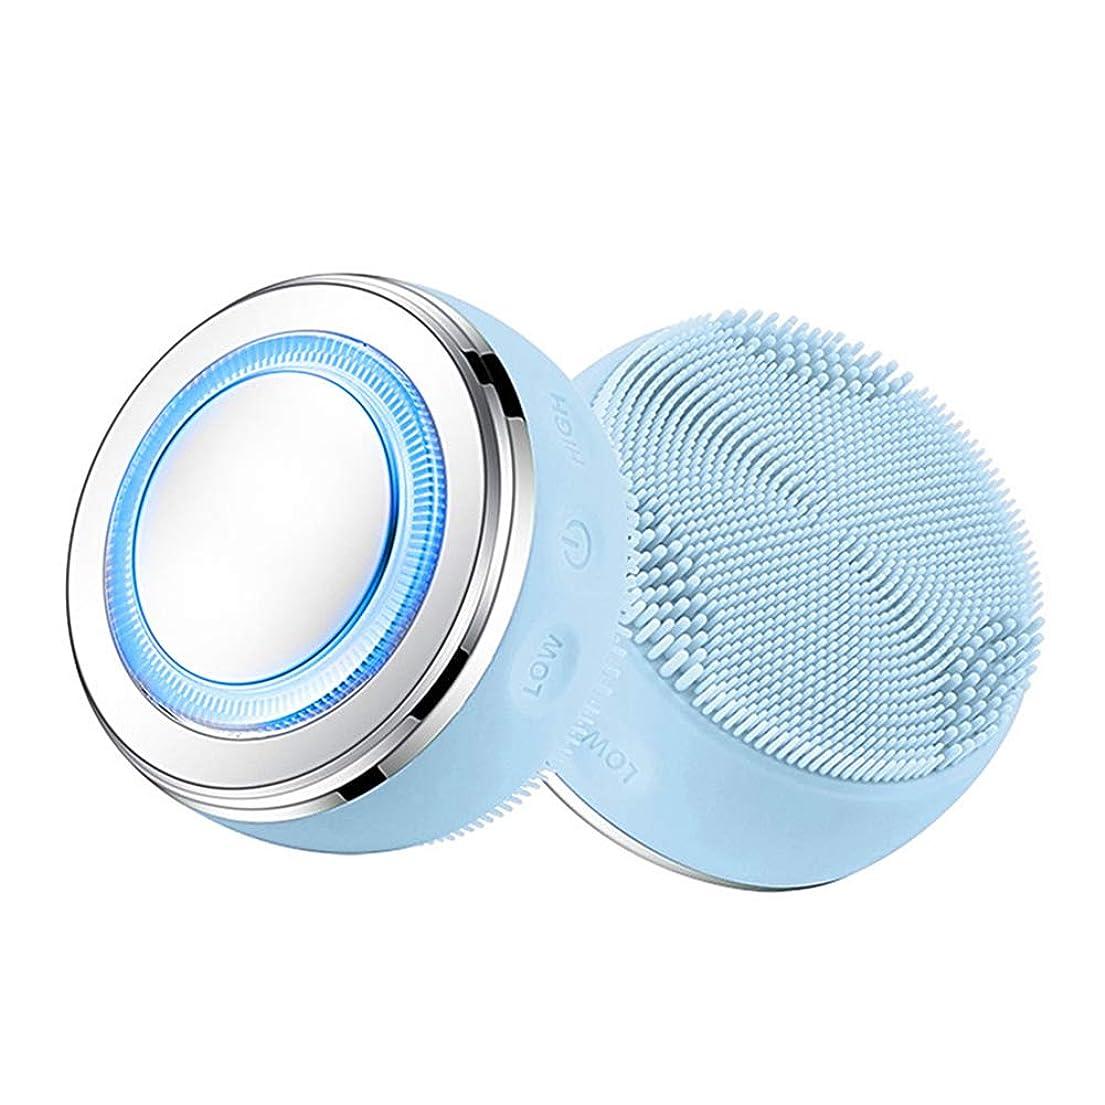 分析的を除く組み立てる2-IN-1クレンジングブラシ、ホットプレスLEDスキンクリーナー、防水シリコーン毛穴クリーナー美顔器